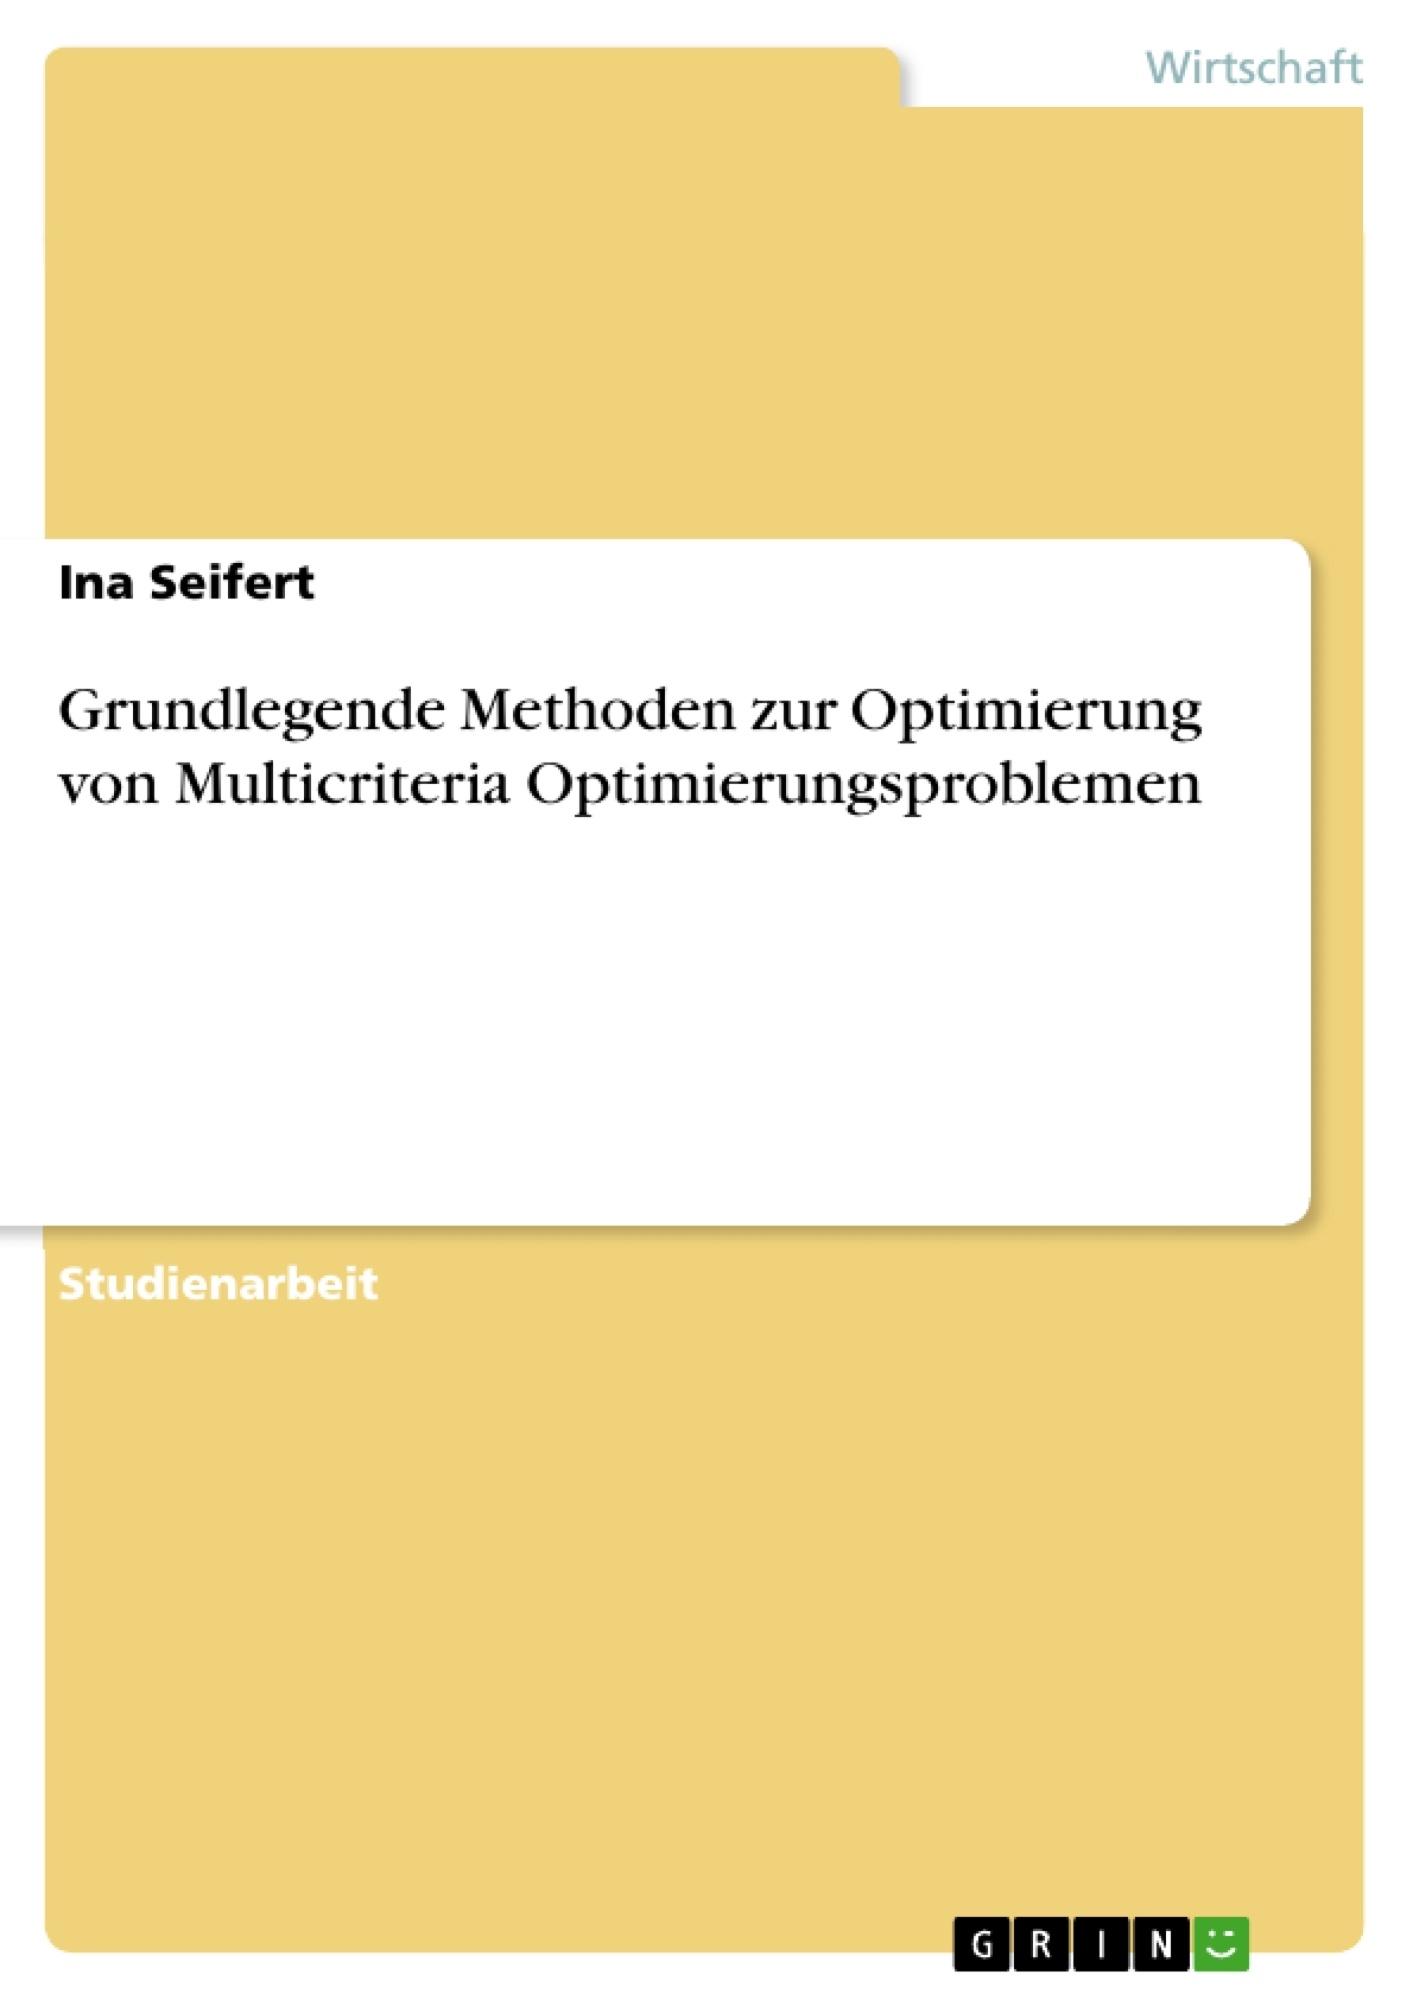 Titel: Grundlegende Methoden zur Optimierung von Multicriteria Optimierungsproblemen